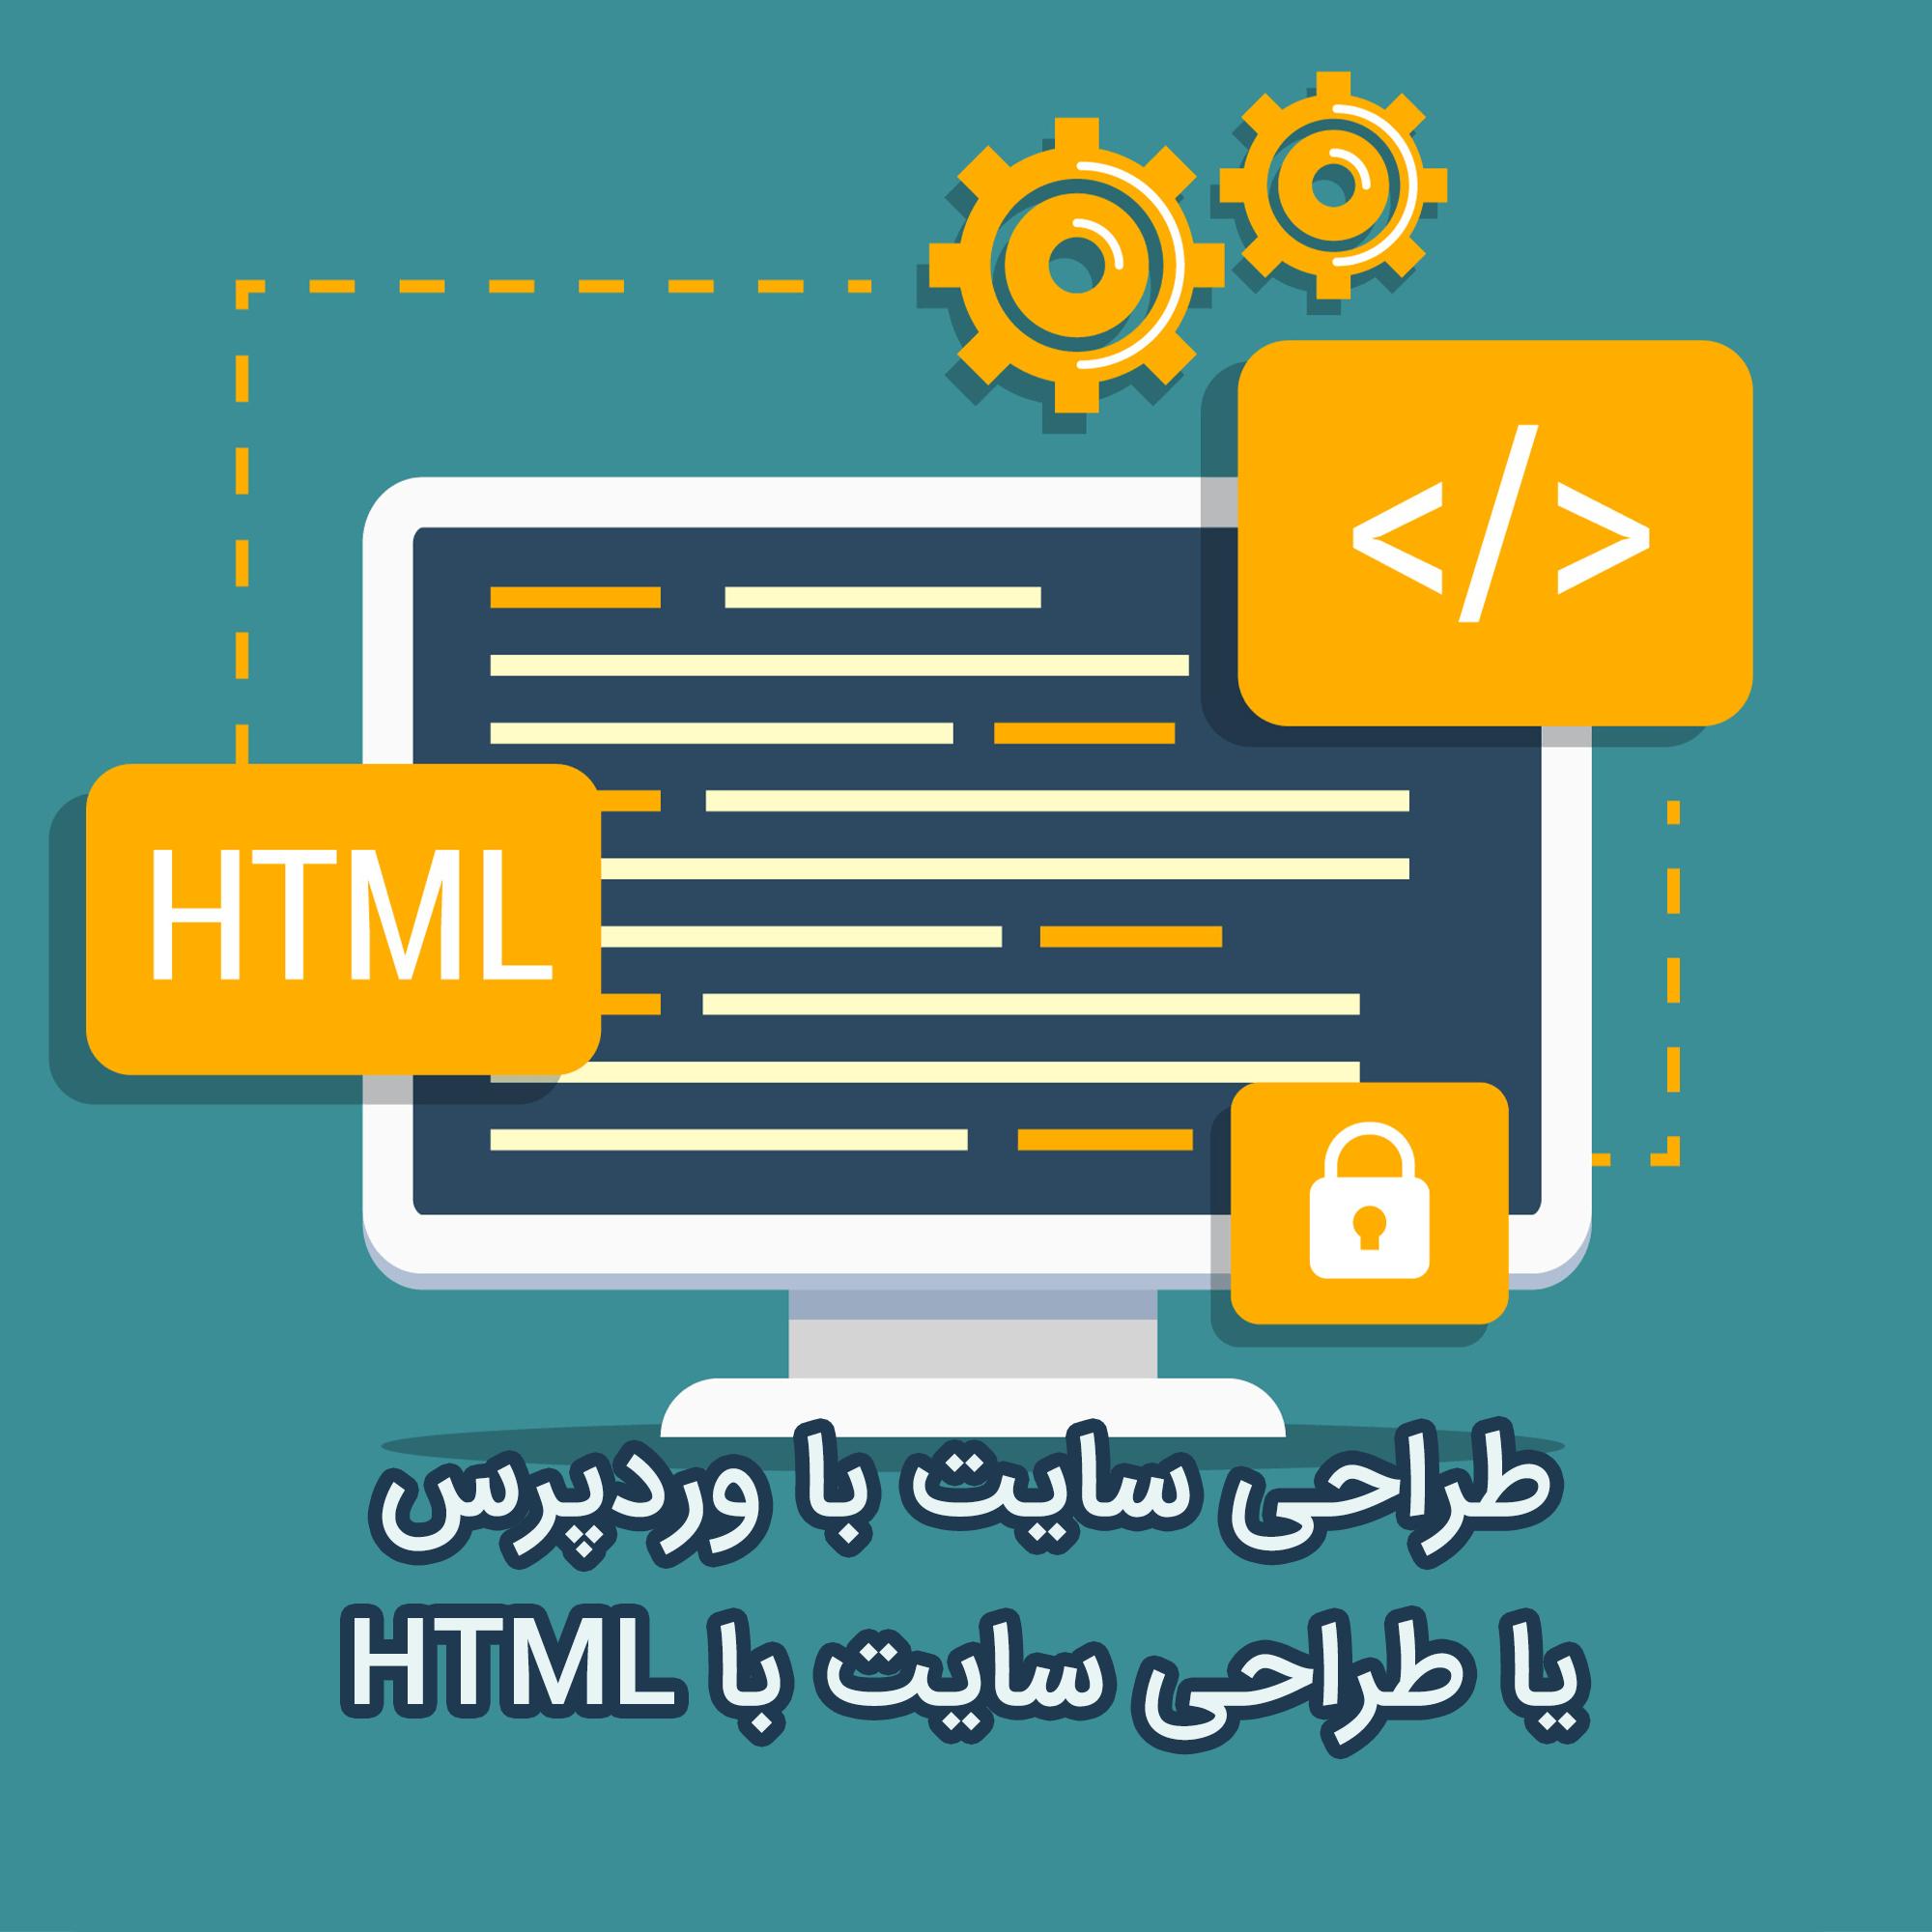 وردپرس یا HTML – کدام یک برای طراحی سایت بهتر است؟